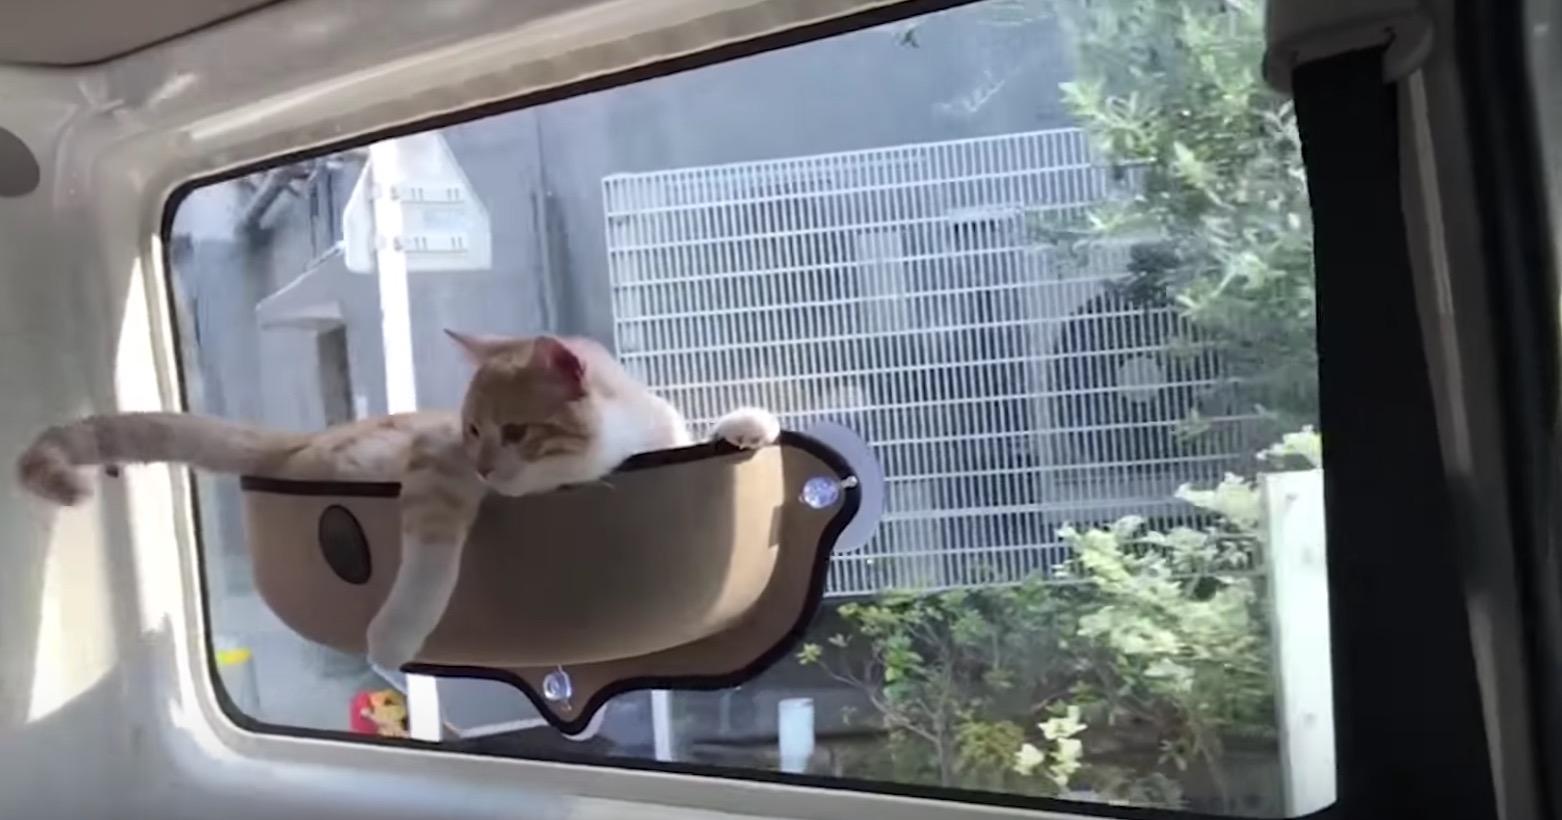 快適にゃん!「猫ホルダー」で快適ドライブを満喫する猫さん